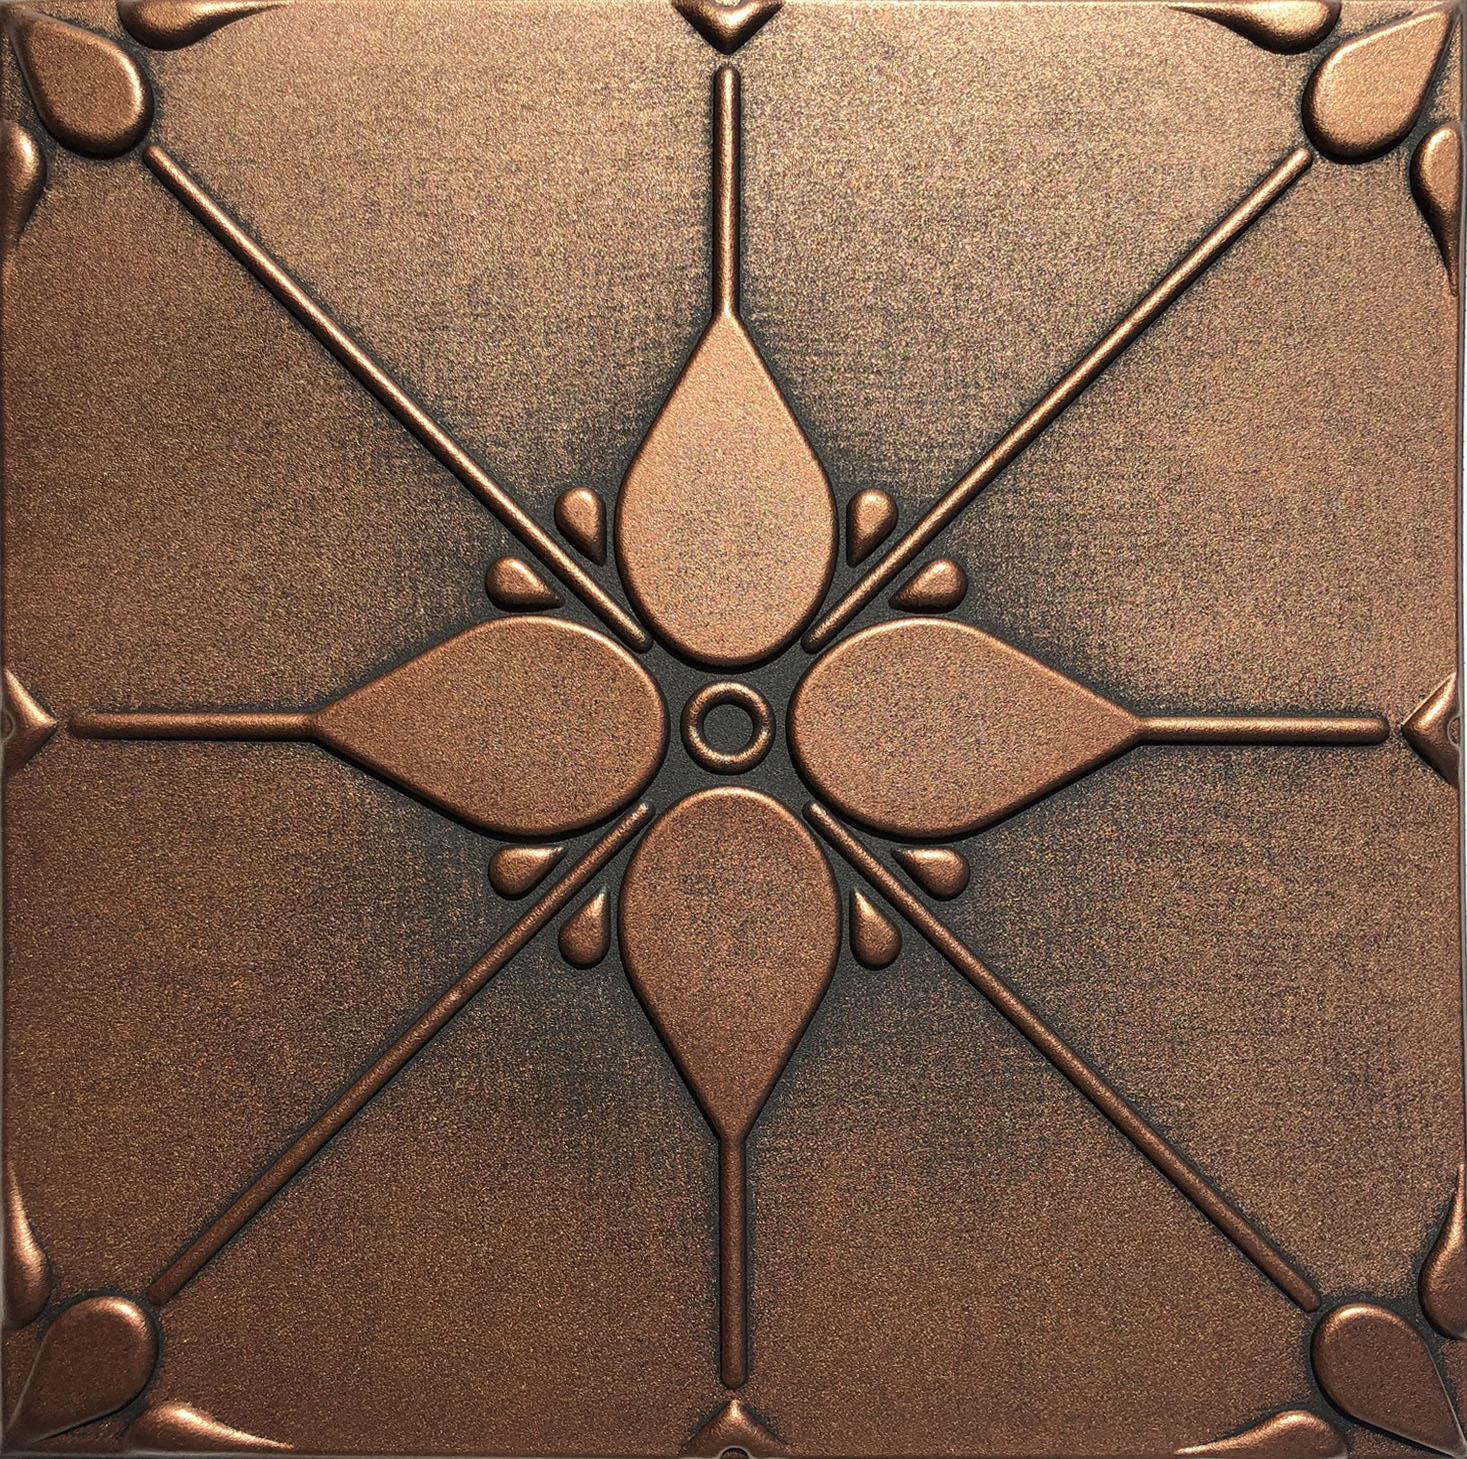 Joy Antique Copper Ceiling Tiles